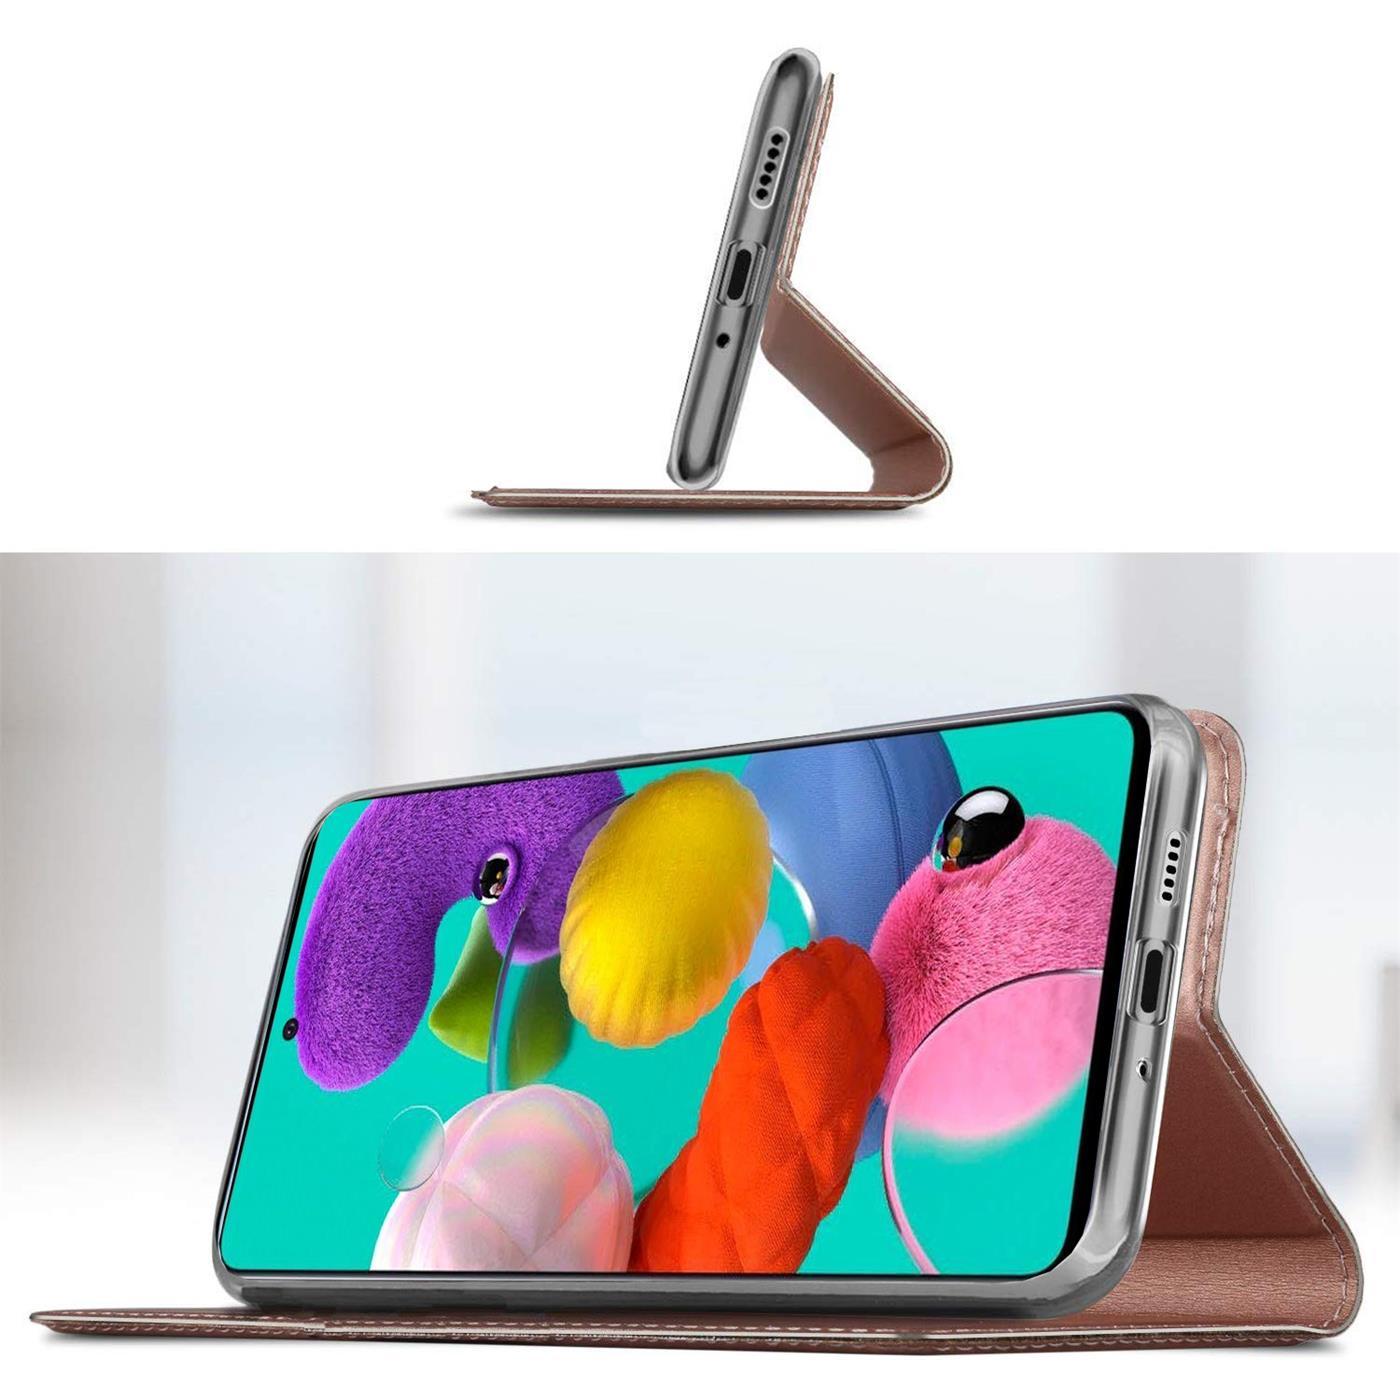 Handy-Huelle-Samsung-Galaxy-A51-Book-Case-Schutzhuelle-Tasche-Slim-Flip-Cover-Etui Indexbild 16